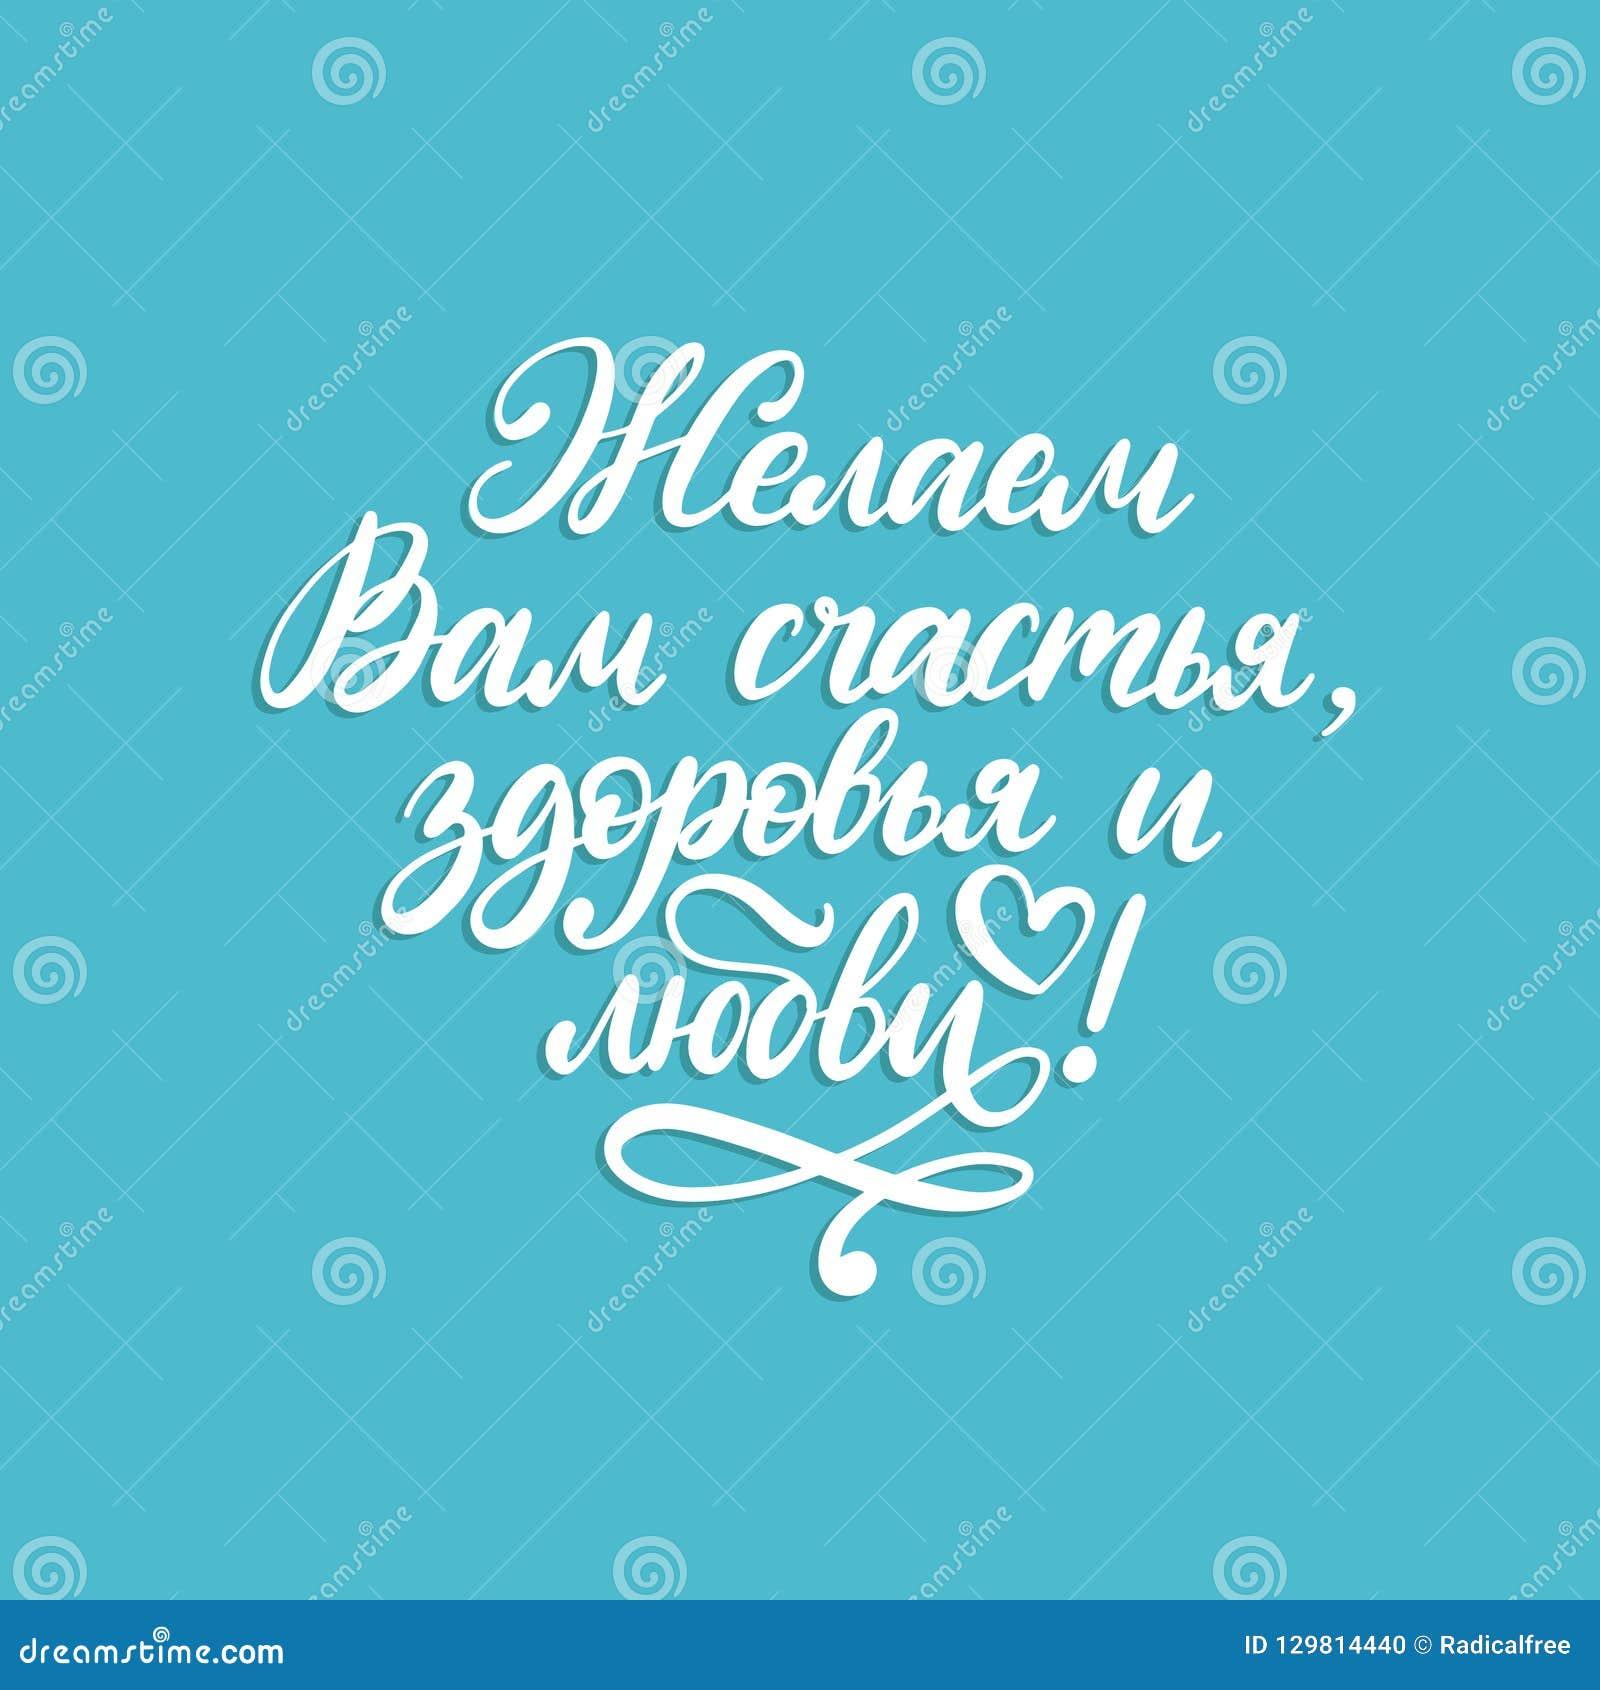 Χειρόγραφη φράση σας ευχόμαστε την ευτυχία, την υγεία και την αγάπη Μετάφραση από τα ρωσικά Διανυσματική κυριλλική καλλιγραφία